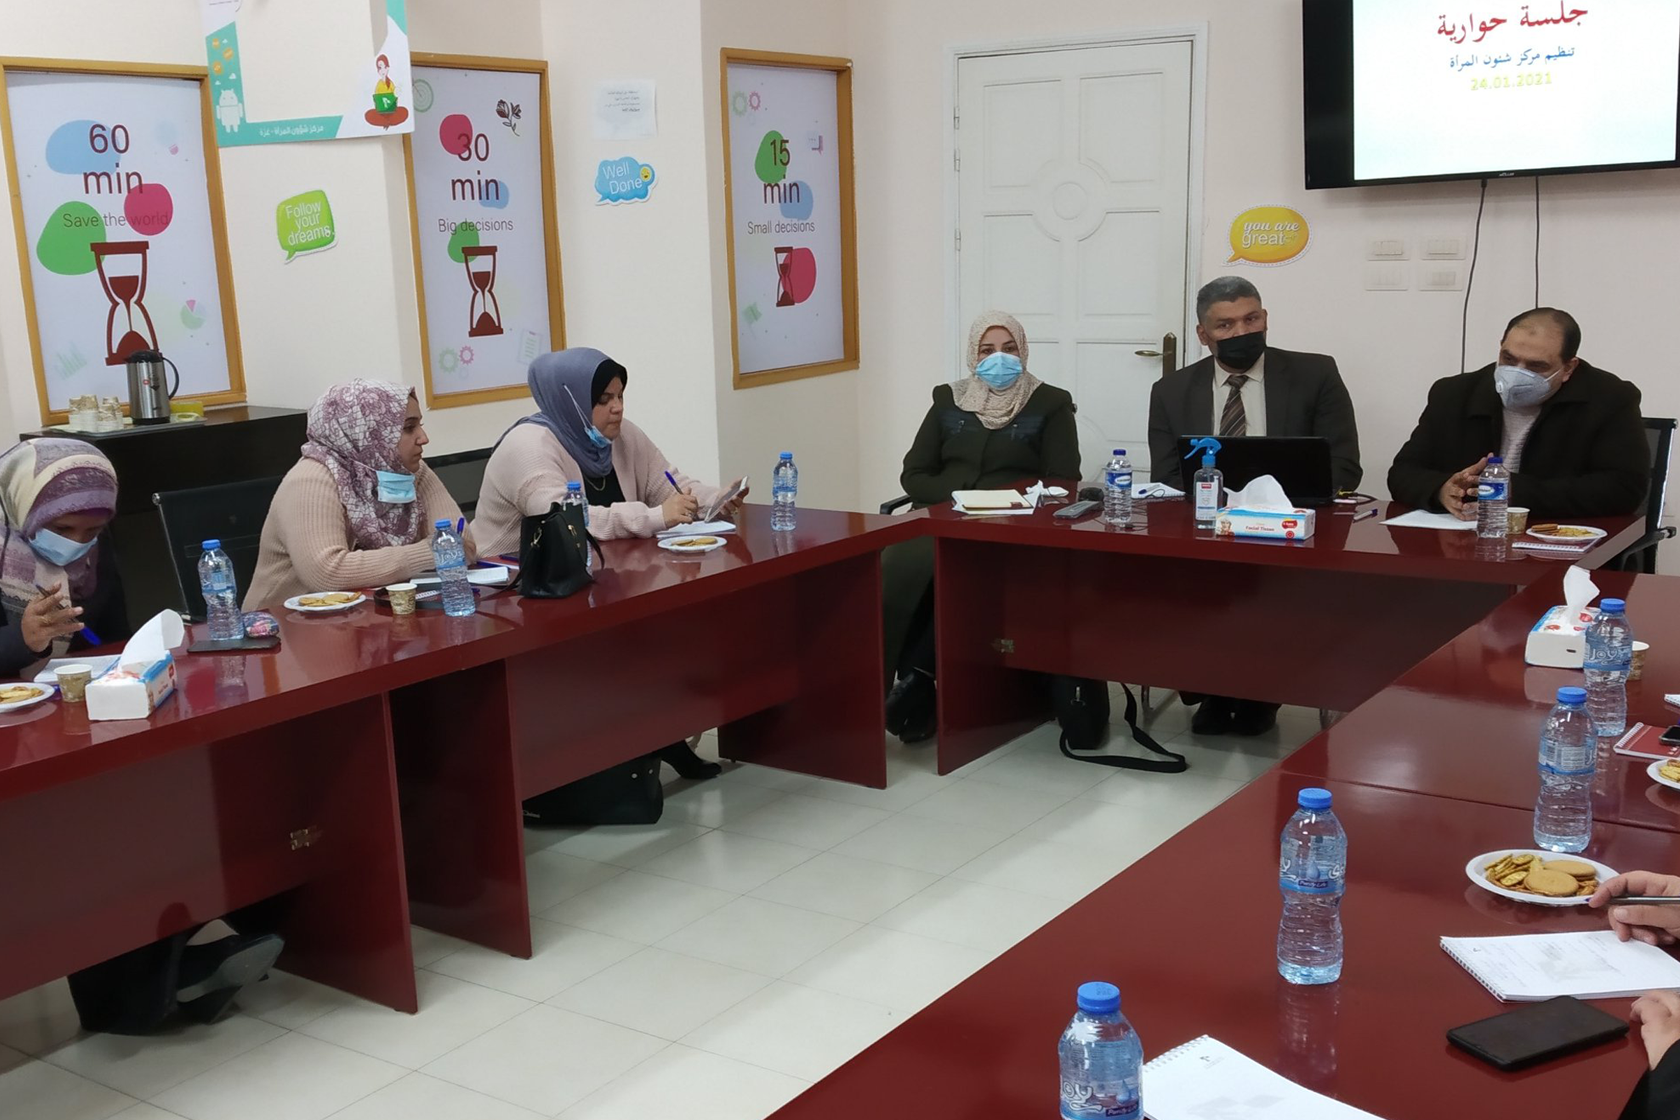 لمناقشة دور المؤسسات في مواجهة جائحة كورونا مركز شؤون المرأة يعقد لقاءان حواريين.